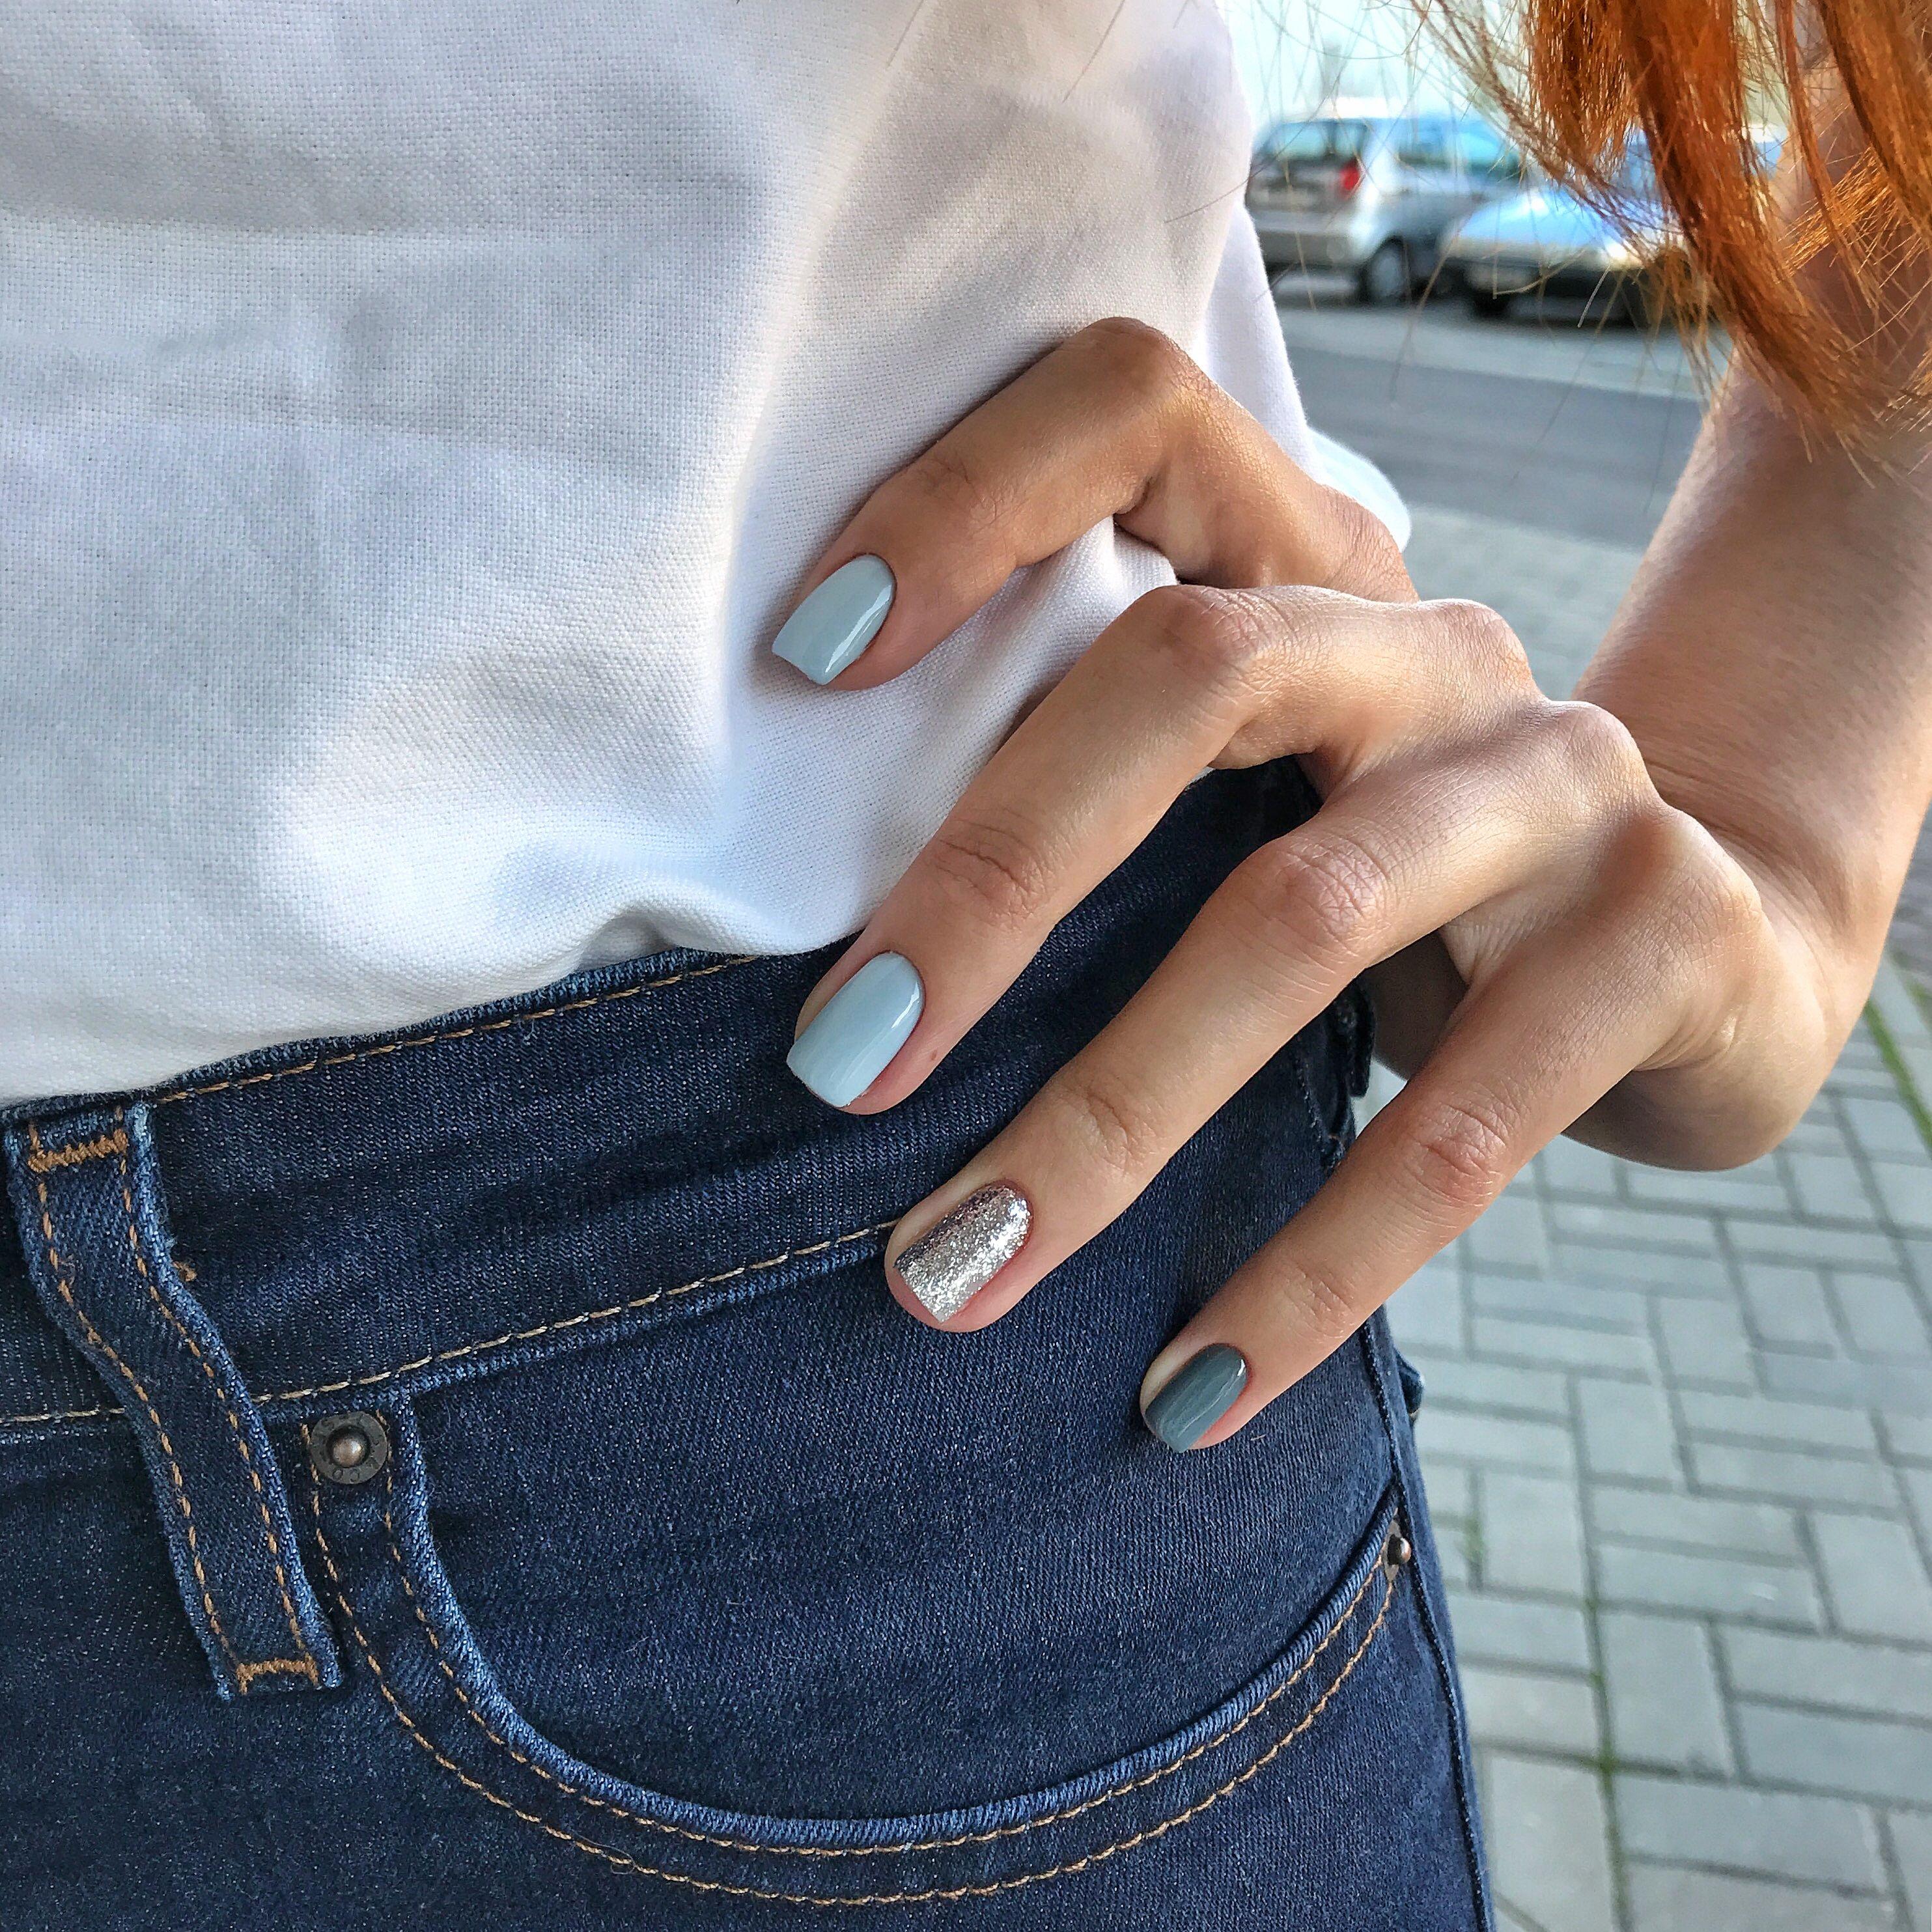 Pin de Оксана en Ногти | Pinterest | Diseños de uñas, Arte de uñas y ...